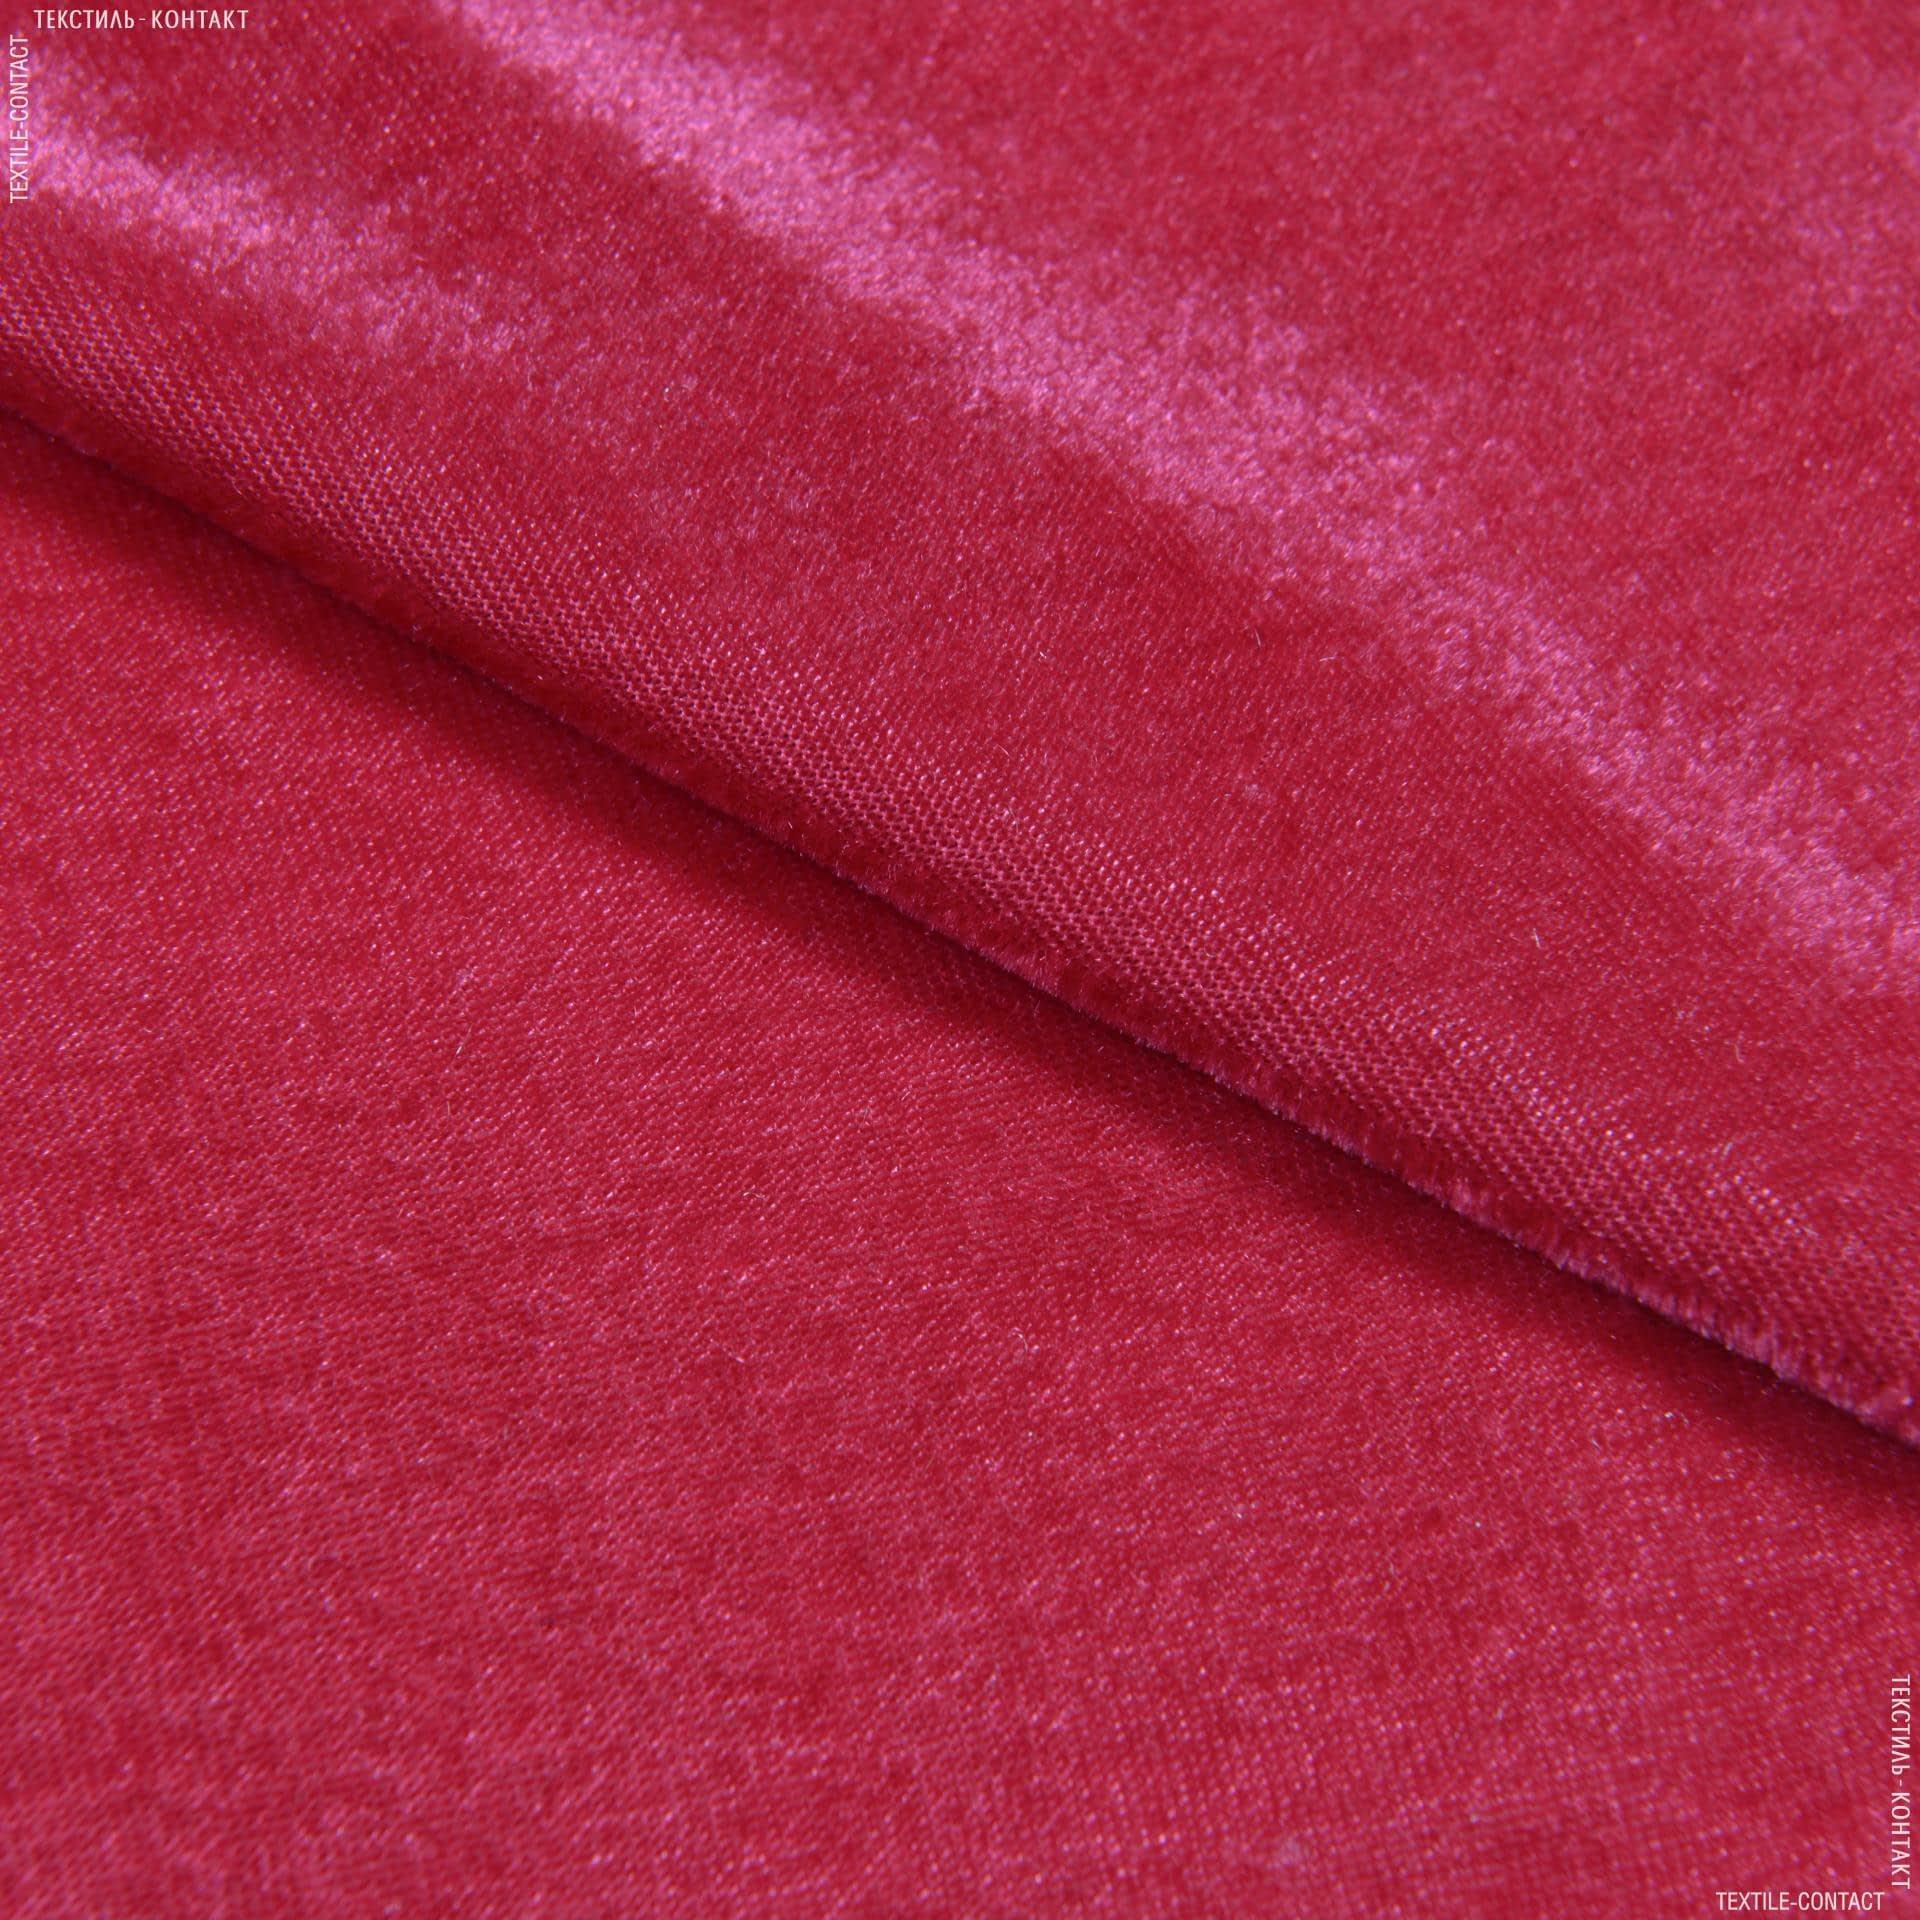 Ткани для платьев - Велюр стрейч темно-розовый